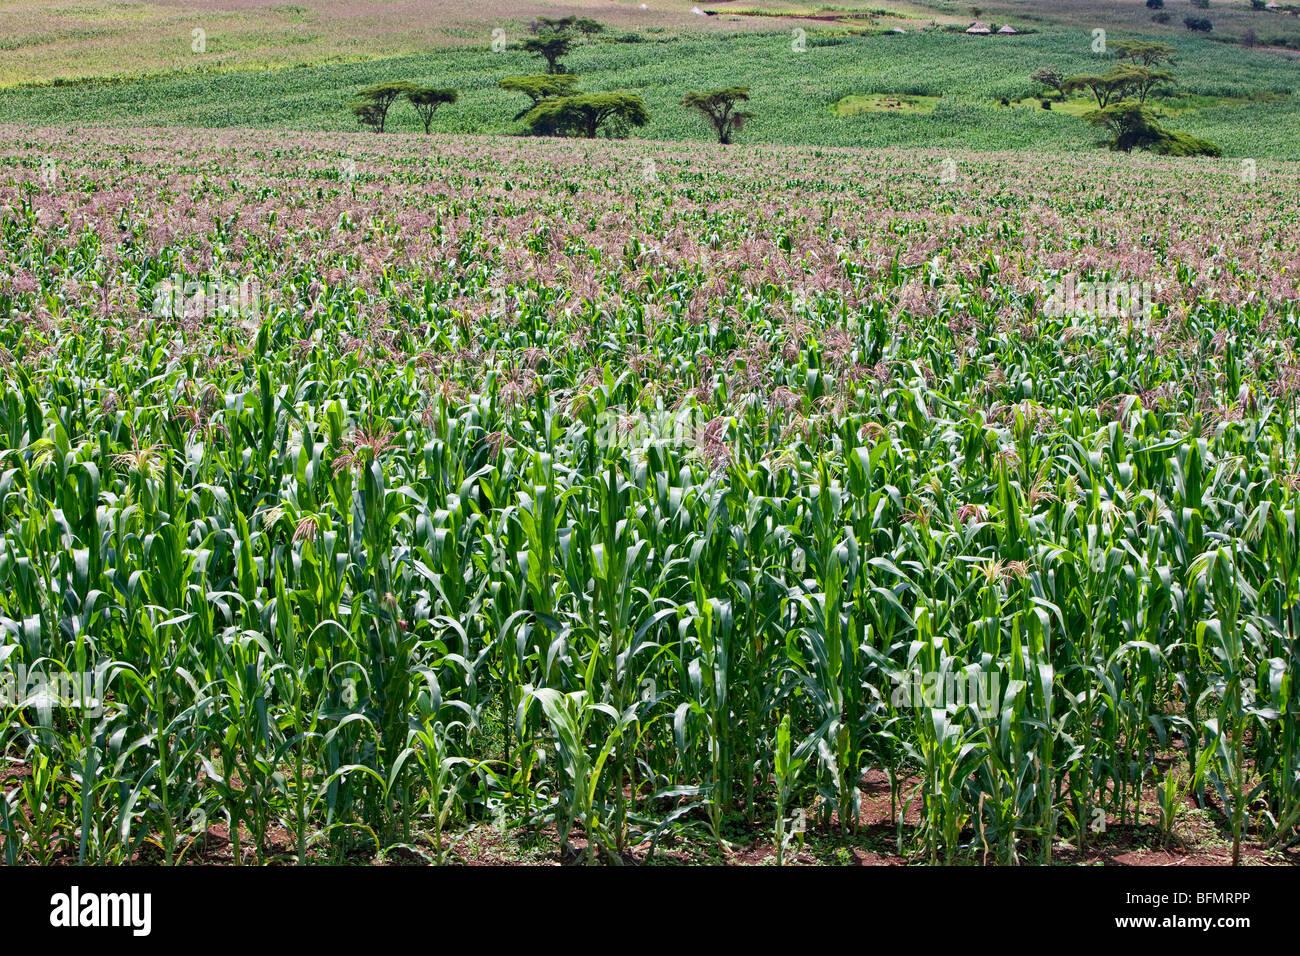 Un sano raccolto di mais bianco cresce a Endebess. Il mais è il cibo di graffa di tutti i keniani. Immagini Stock